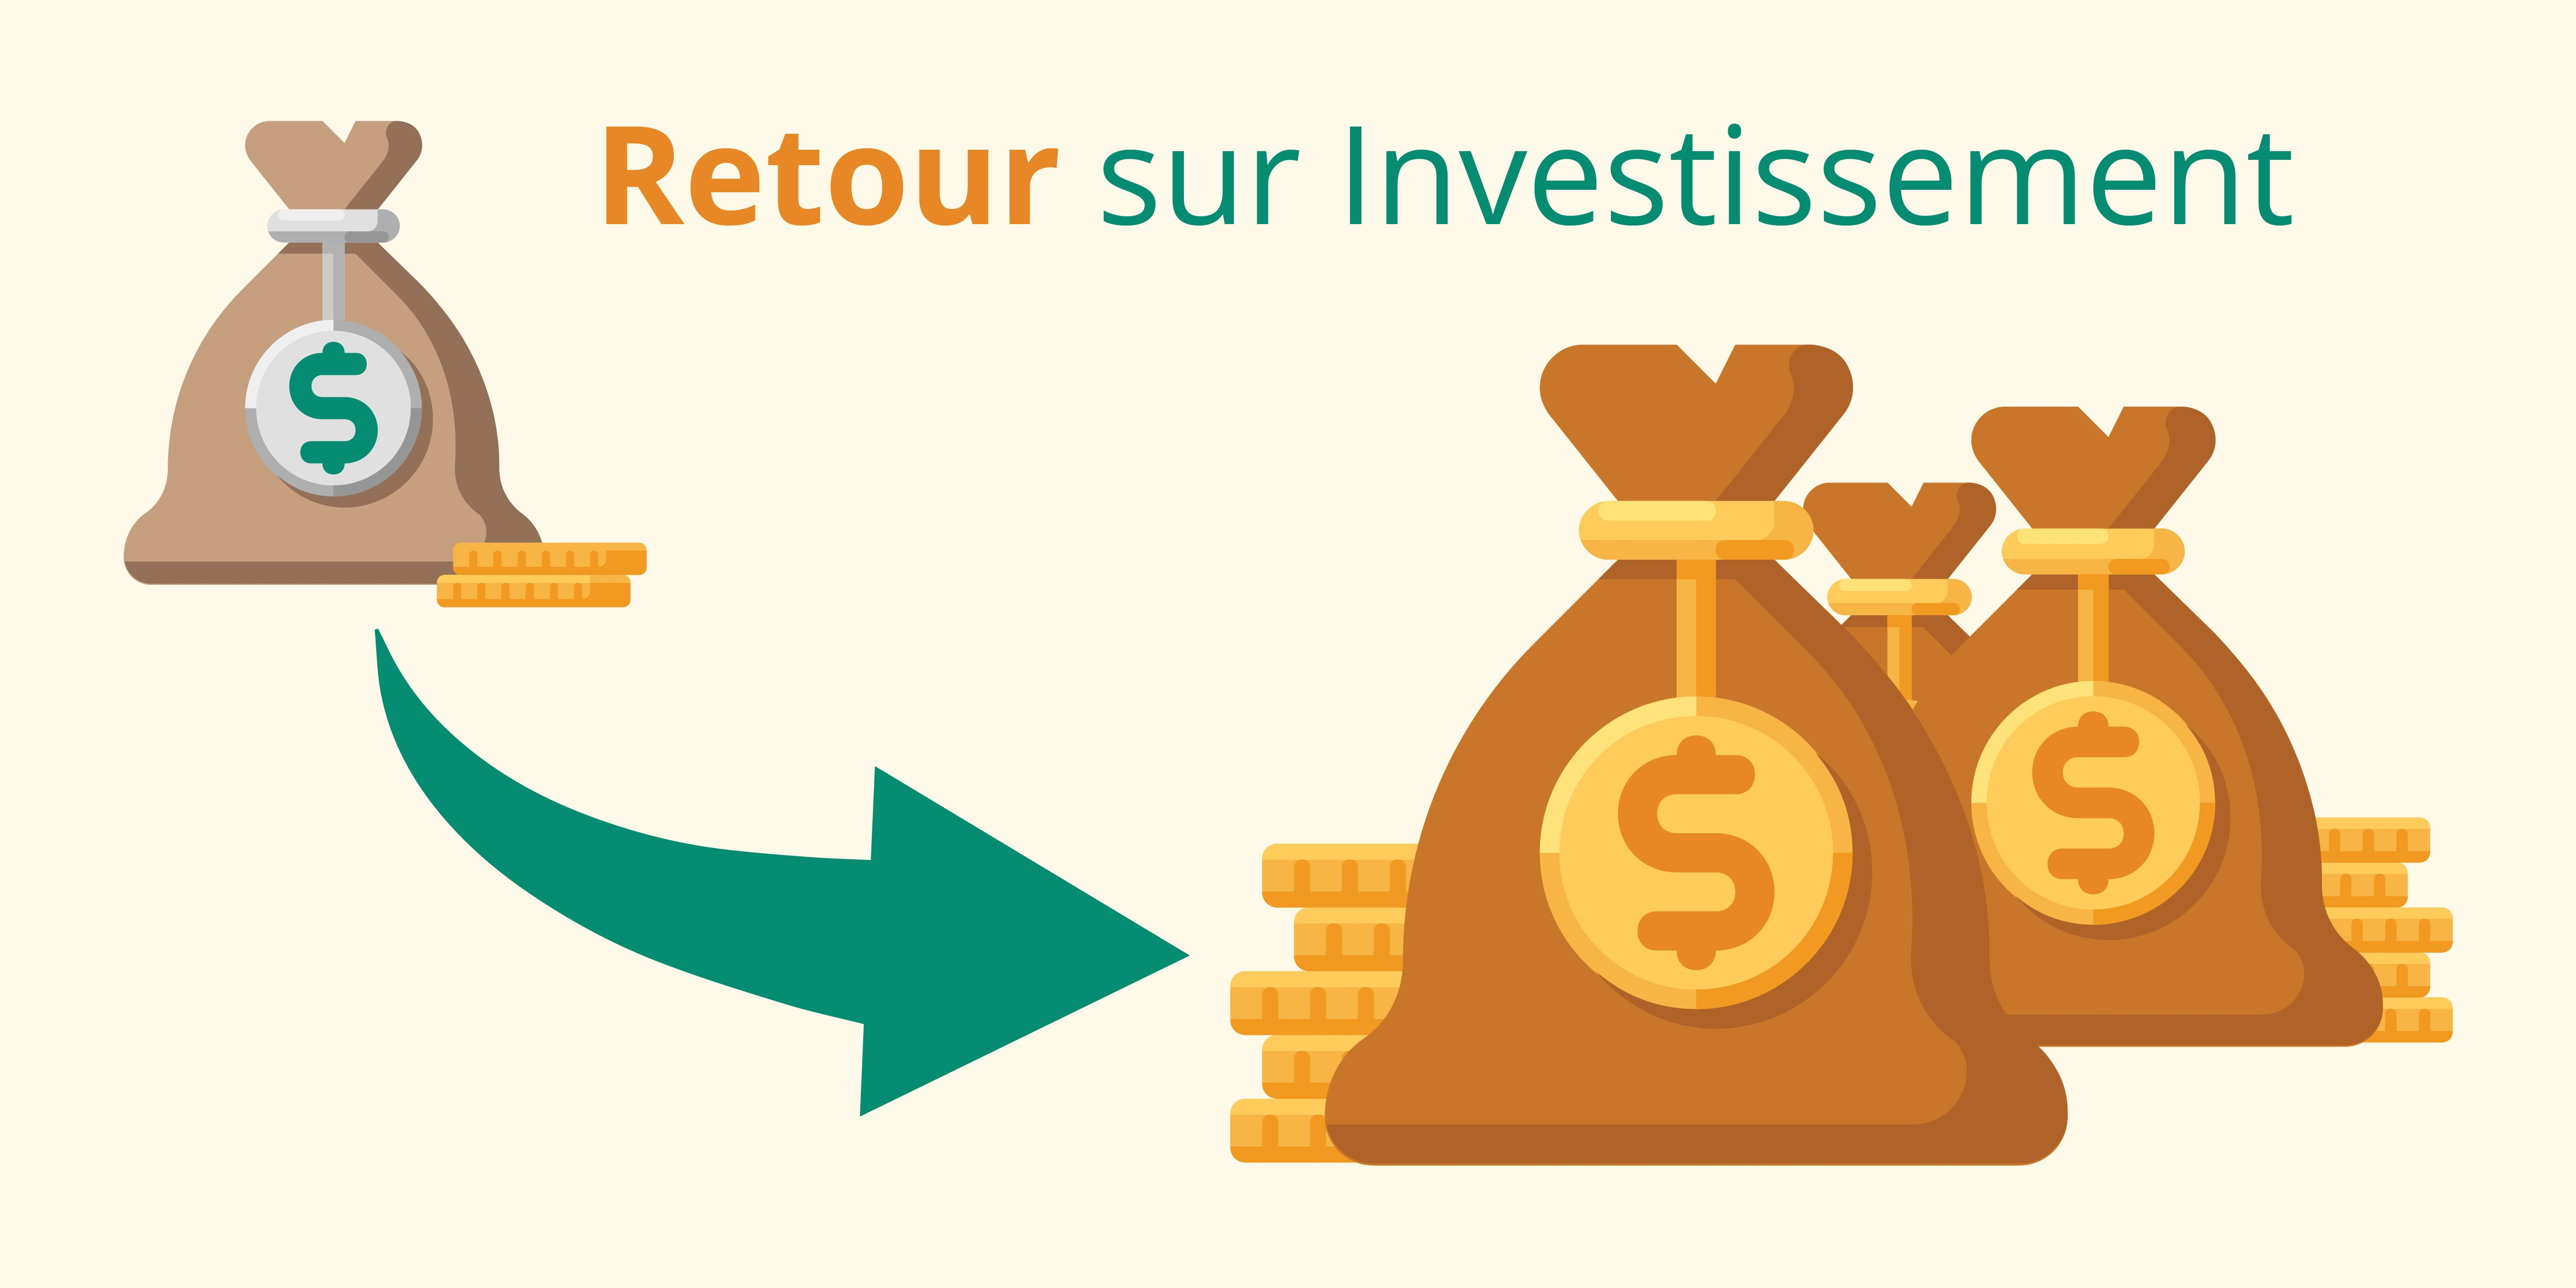 Infographie illustrant le Retour sur investissement